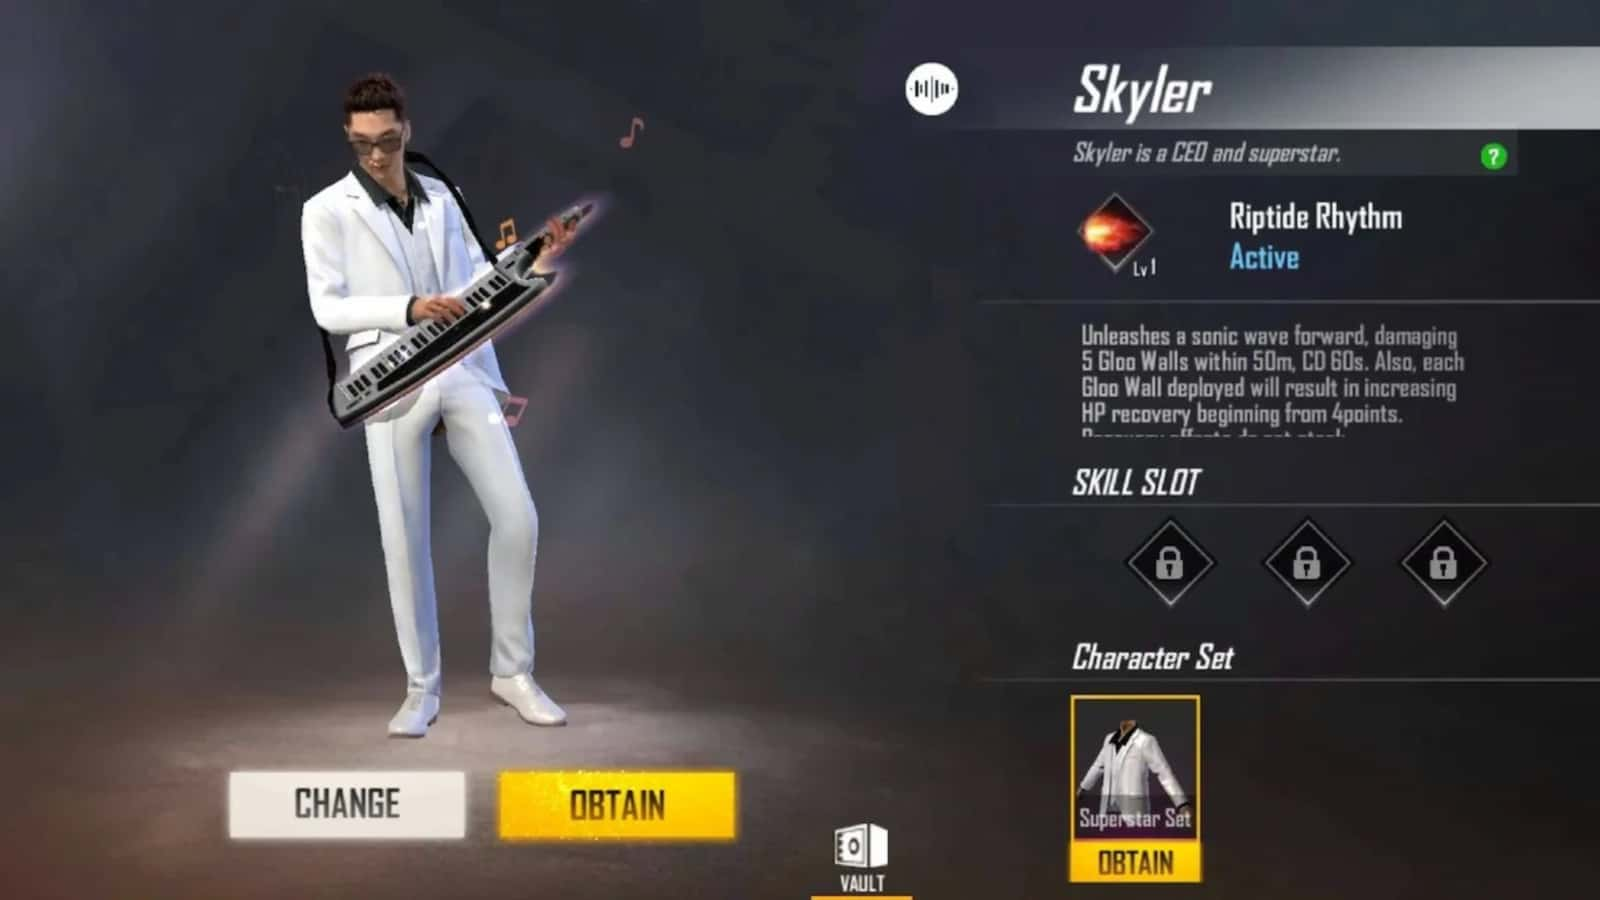 maro vs skyler ability